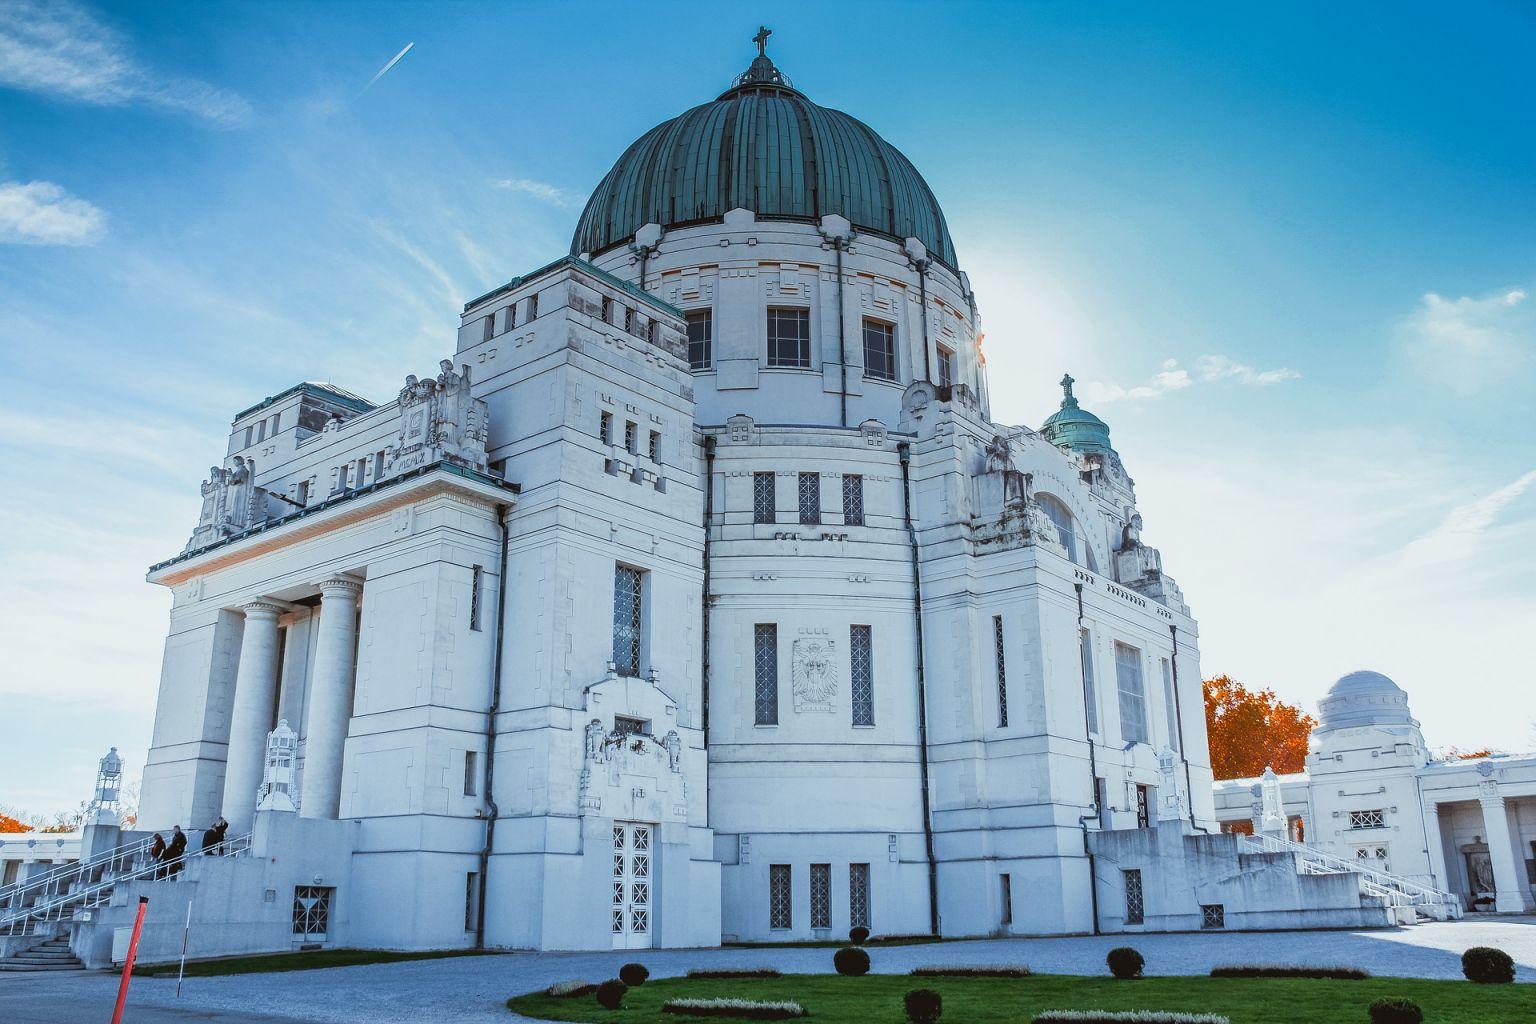 Spatenstich für neue Leichenkammer am Wiener Zentralfriedhof